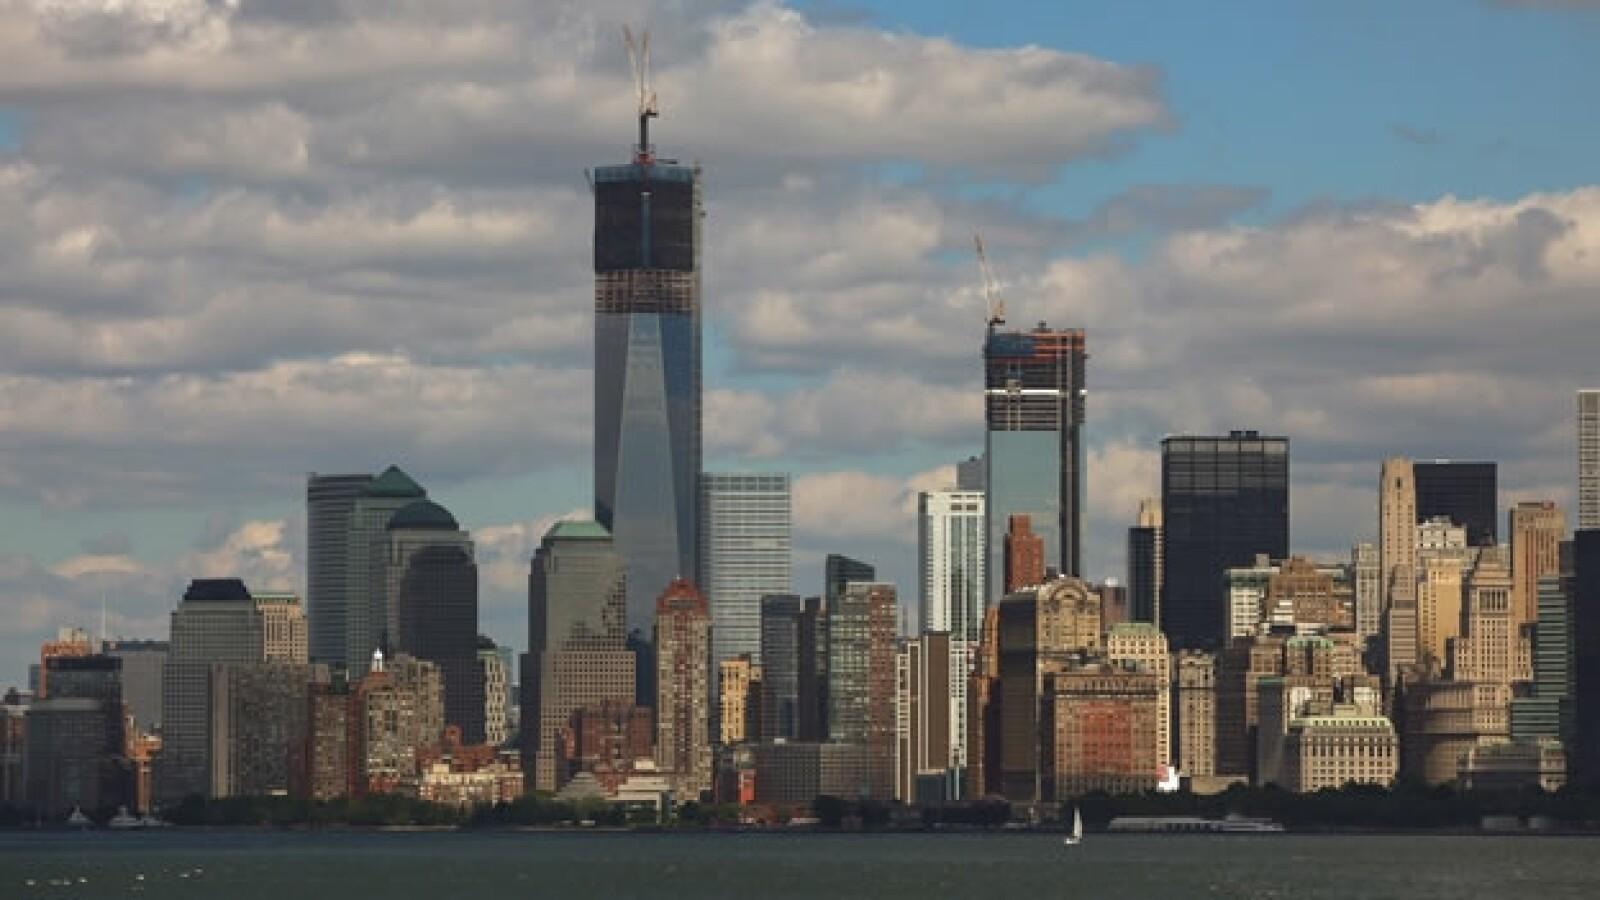 Memorial a las víctimas del 11-S en la Zona Zero